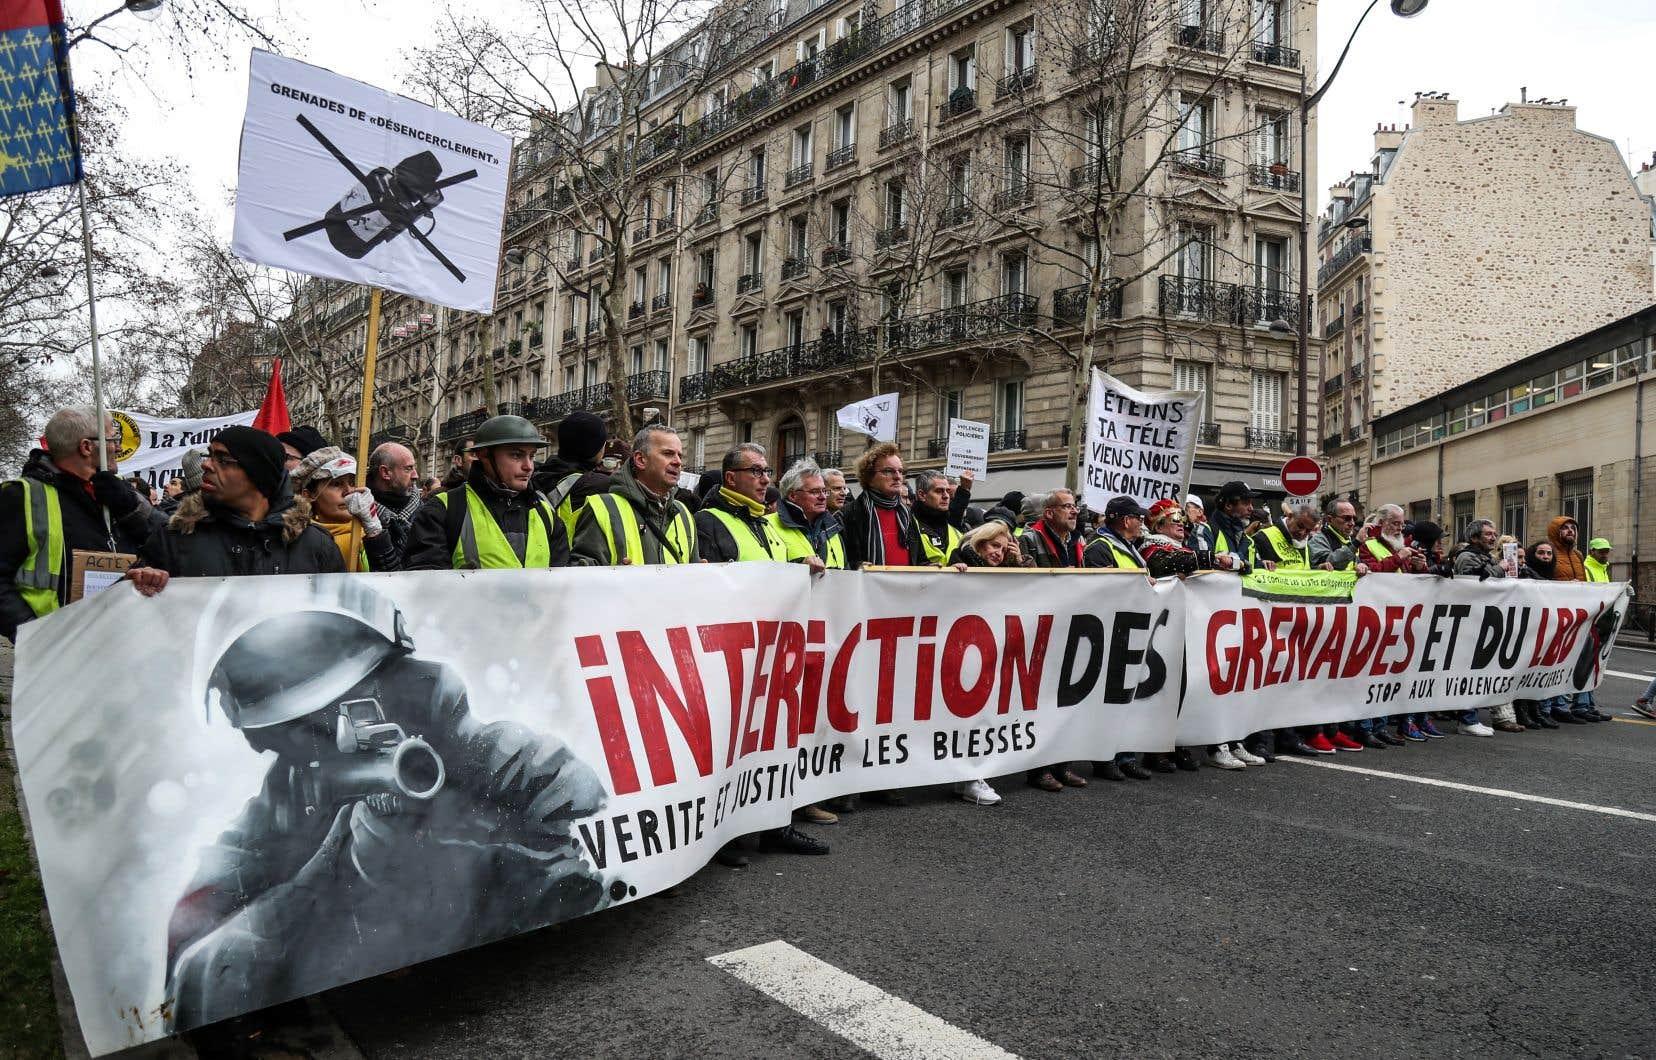 Une grenade controversée retirée de l'arsenal des policiers en France